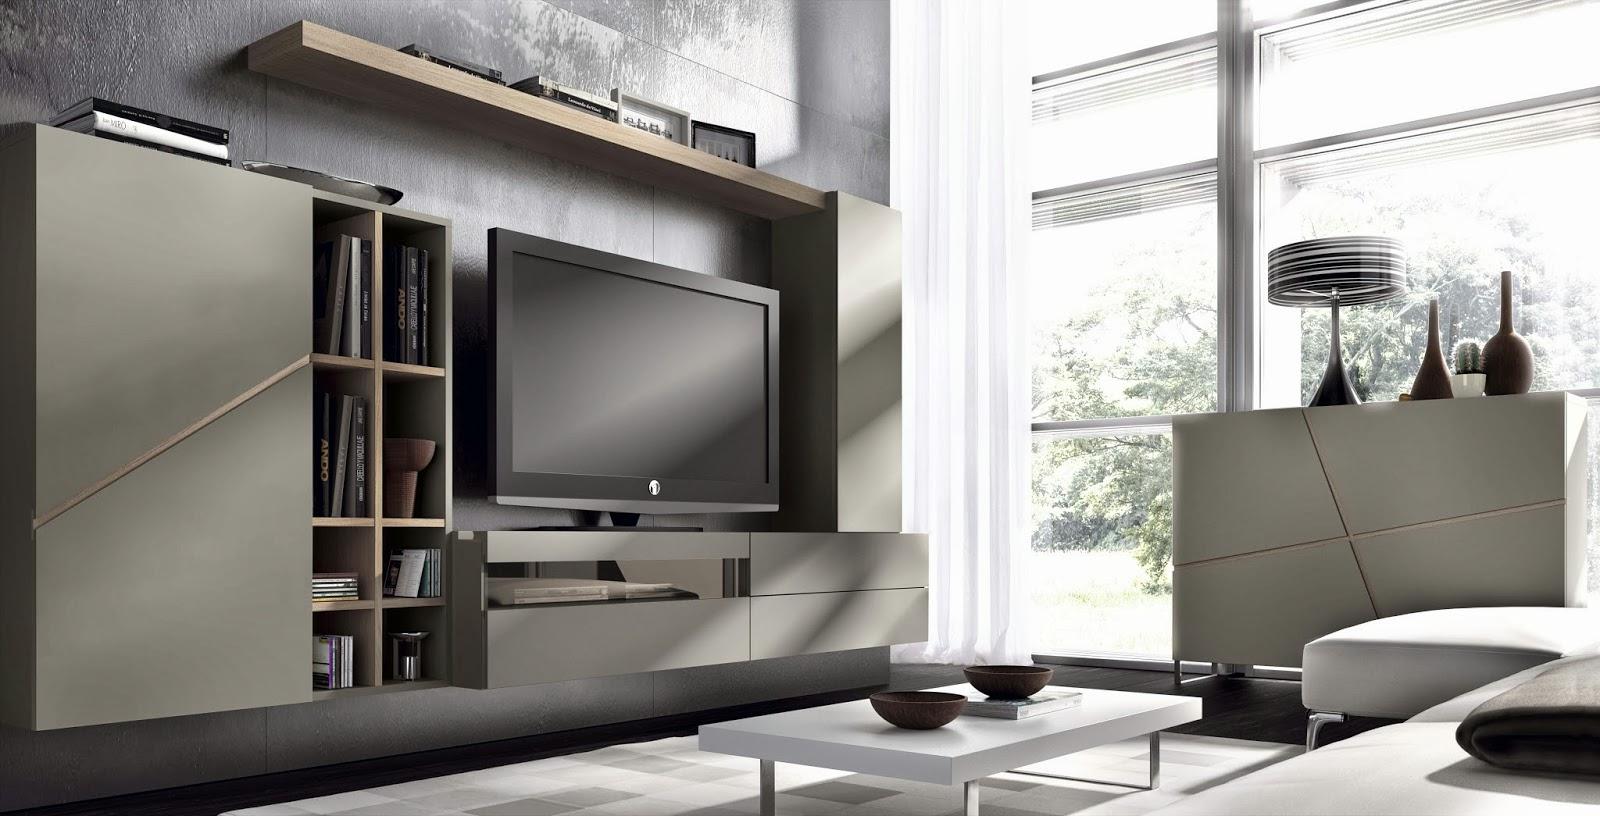 Informaci n de mobiliario opini n de producto colecci n - Muebles shena opinion ...